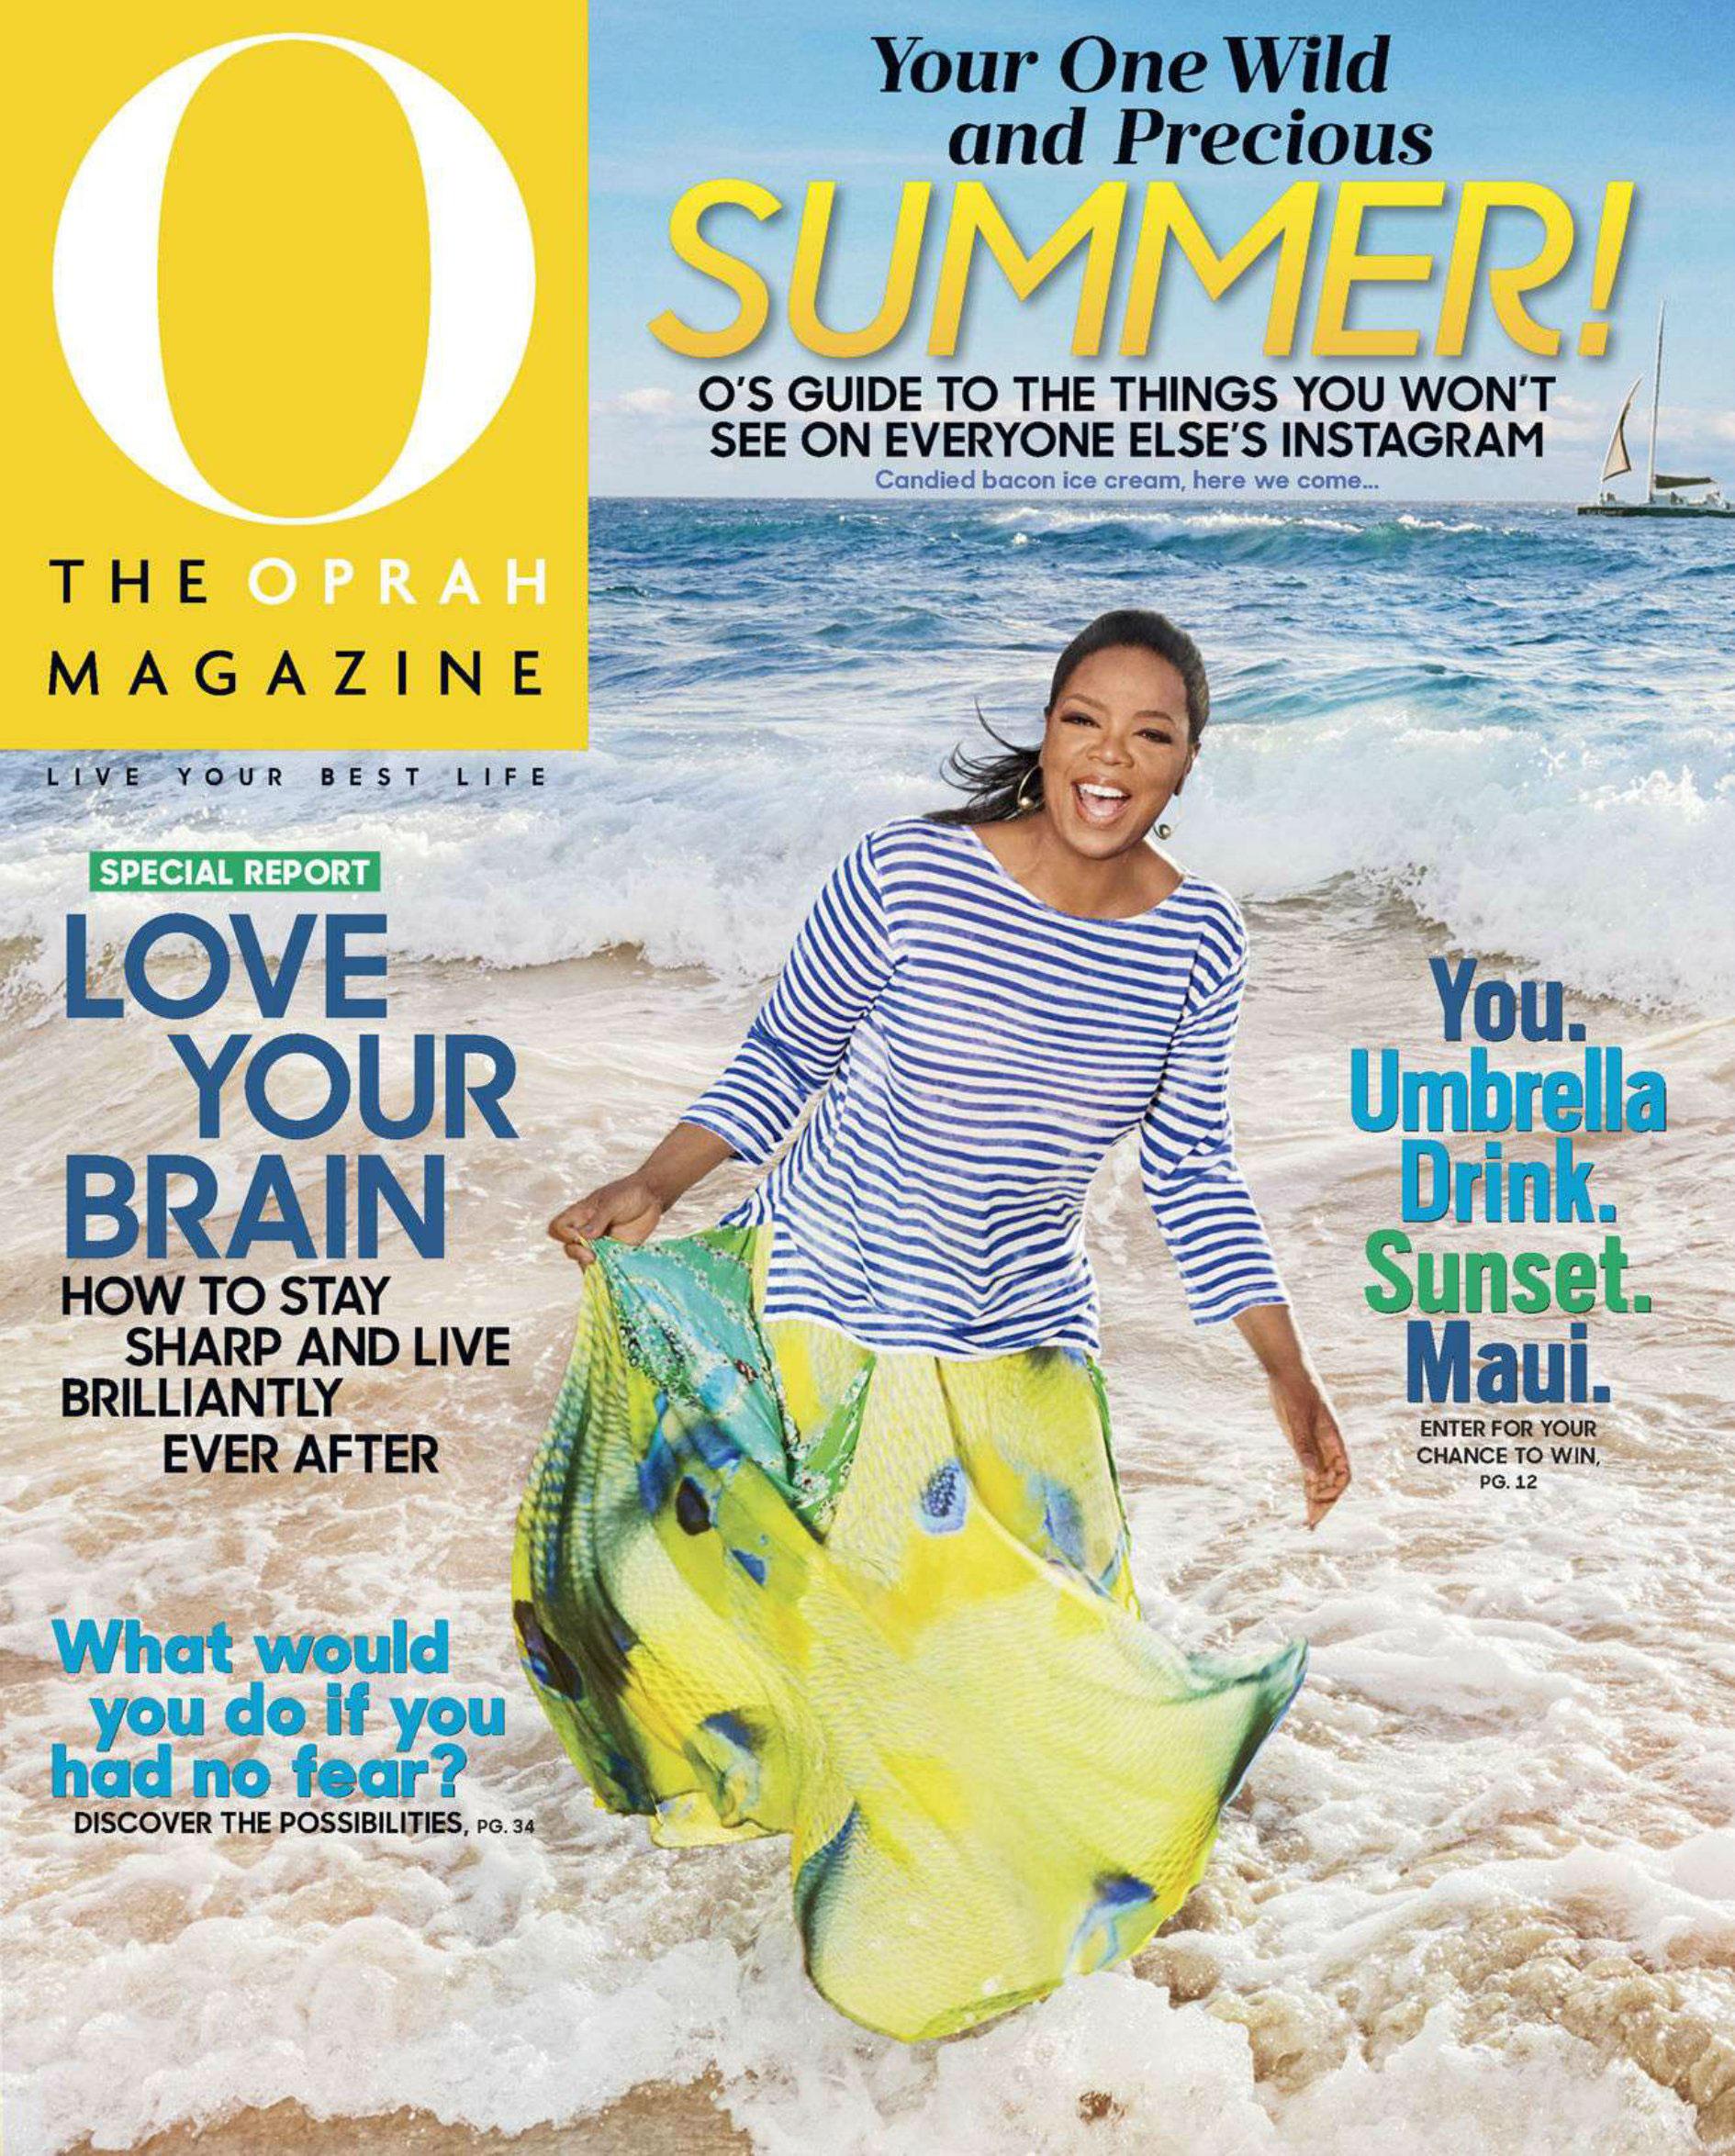 O,-The-Oprah-Magazine-June-Cover-1.jpg